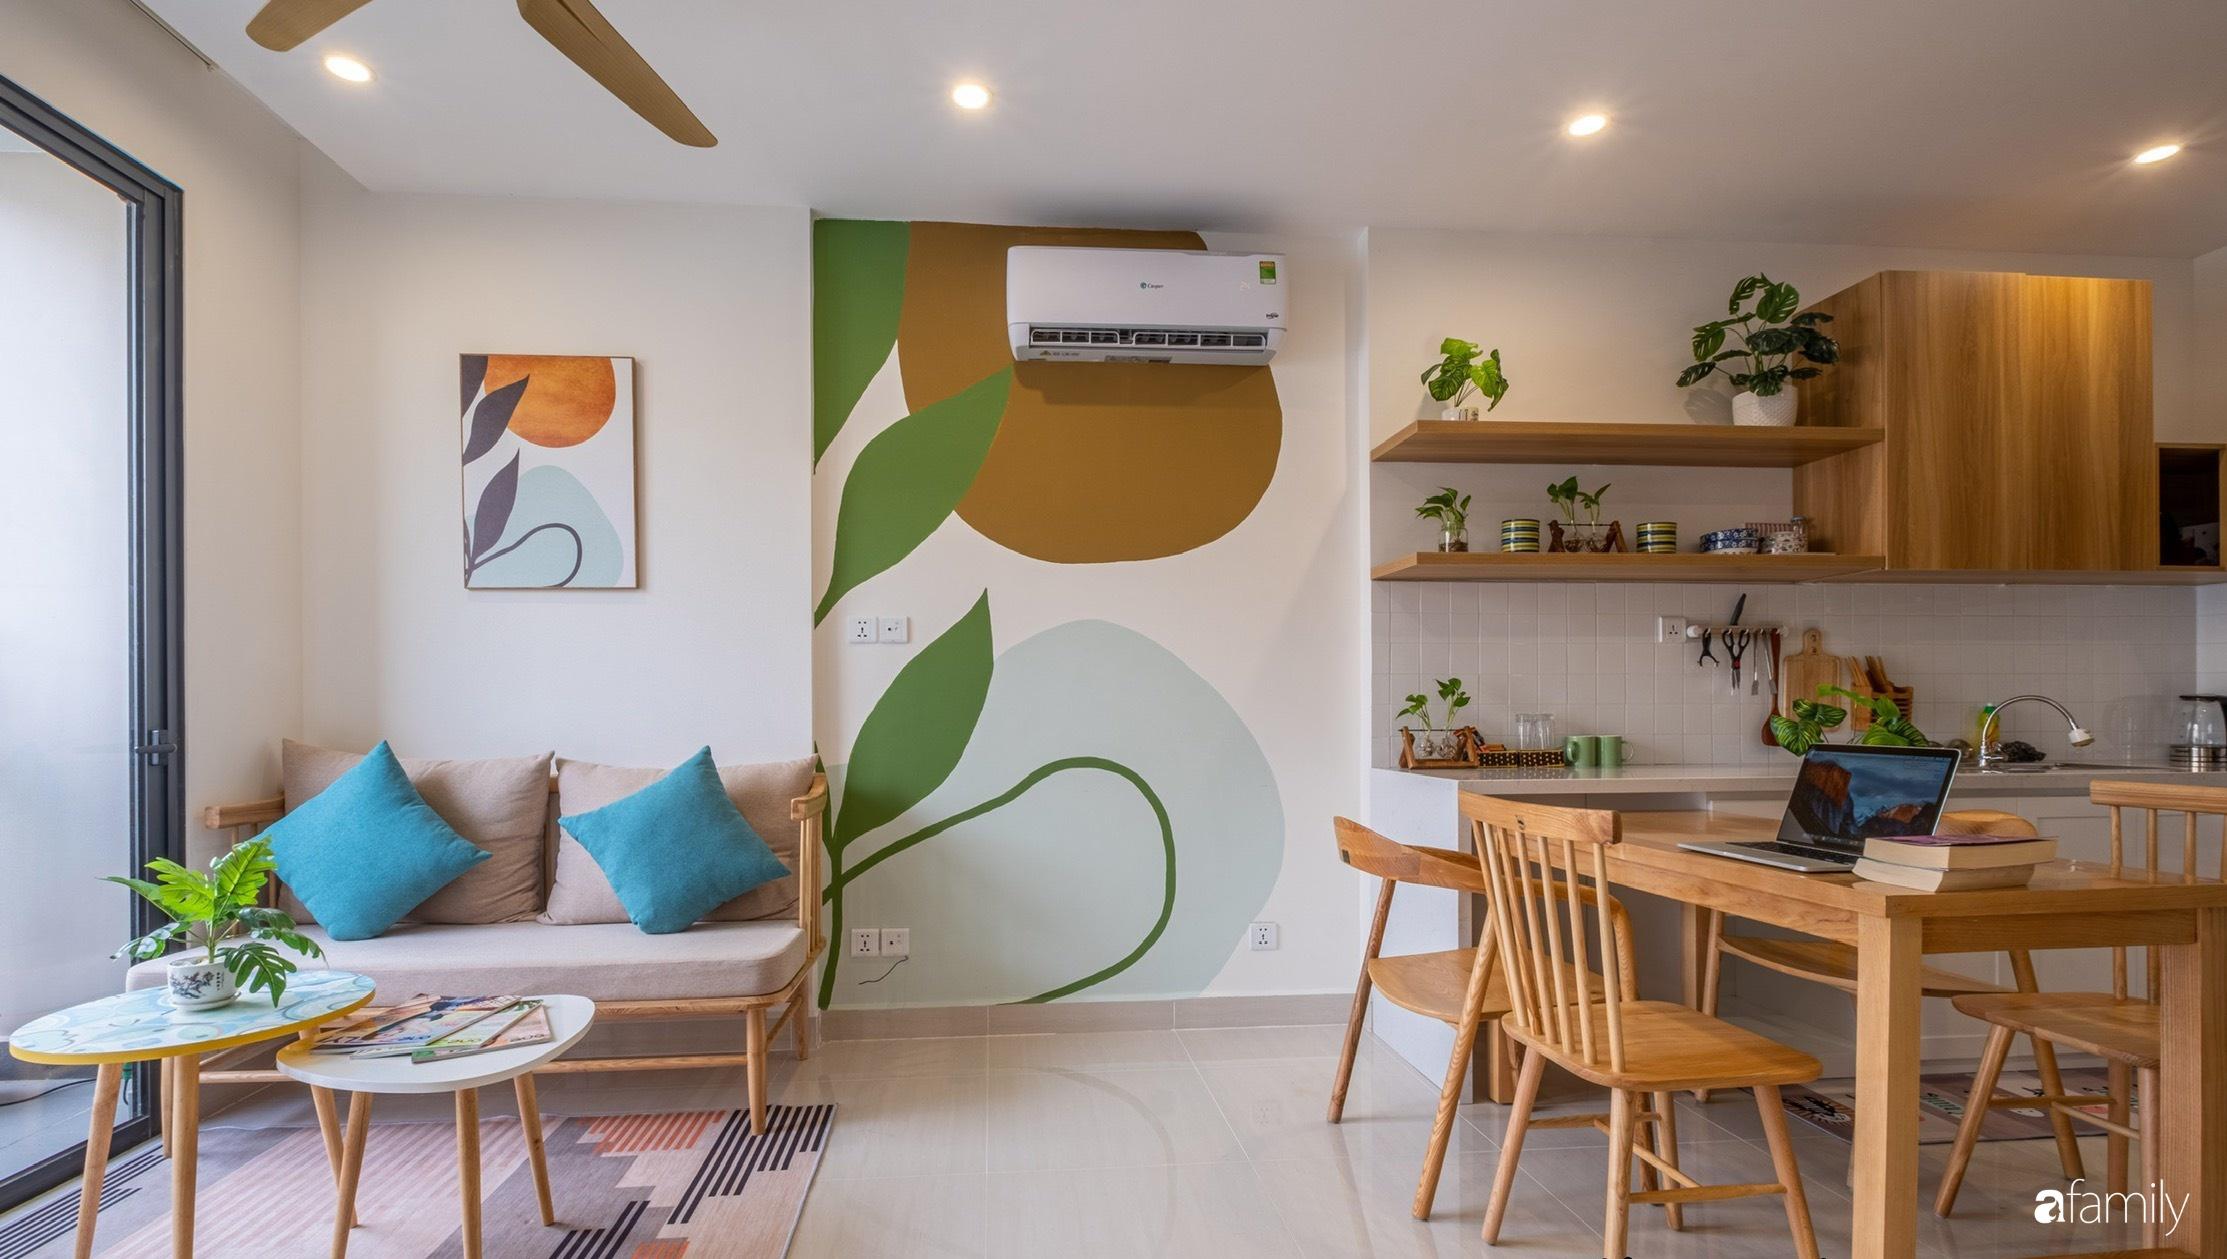 Căn hộ 40m² ở ngoại thành Hà Nội khiến ai ngắm nhìn cũng xuýt xoa vì đẹp có chi phí hoàn thiện 70 triệu đồng - Ảnh 14.